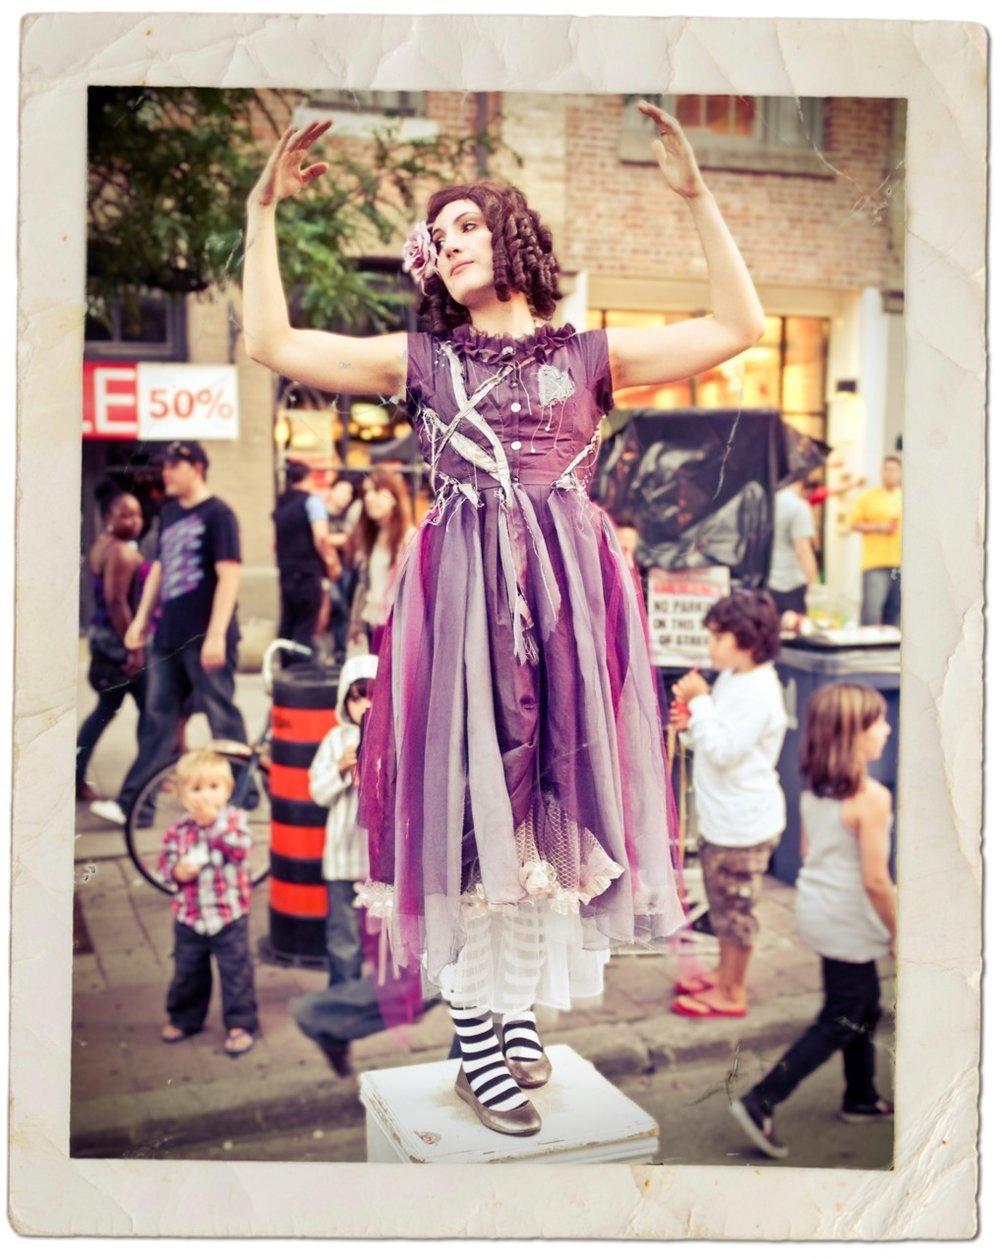 Tiny Dancer, Toronto.